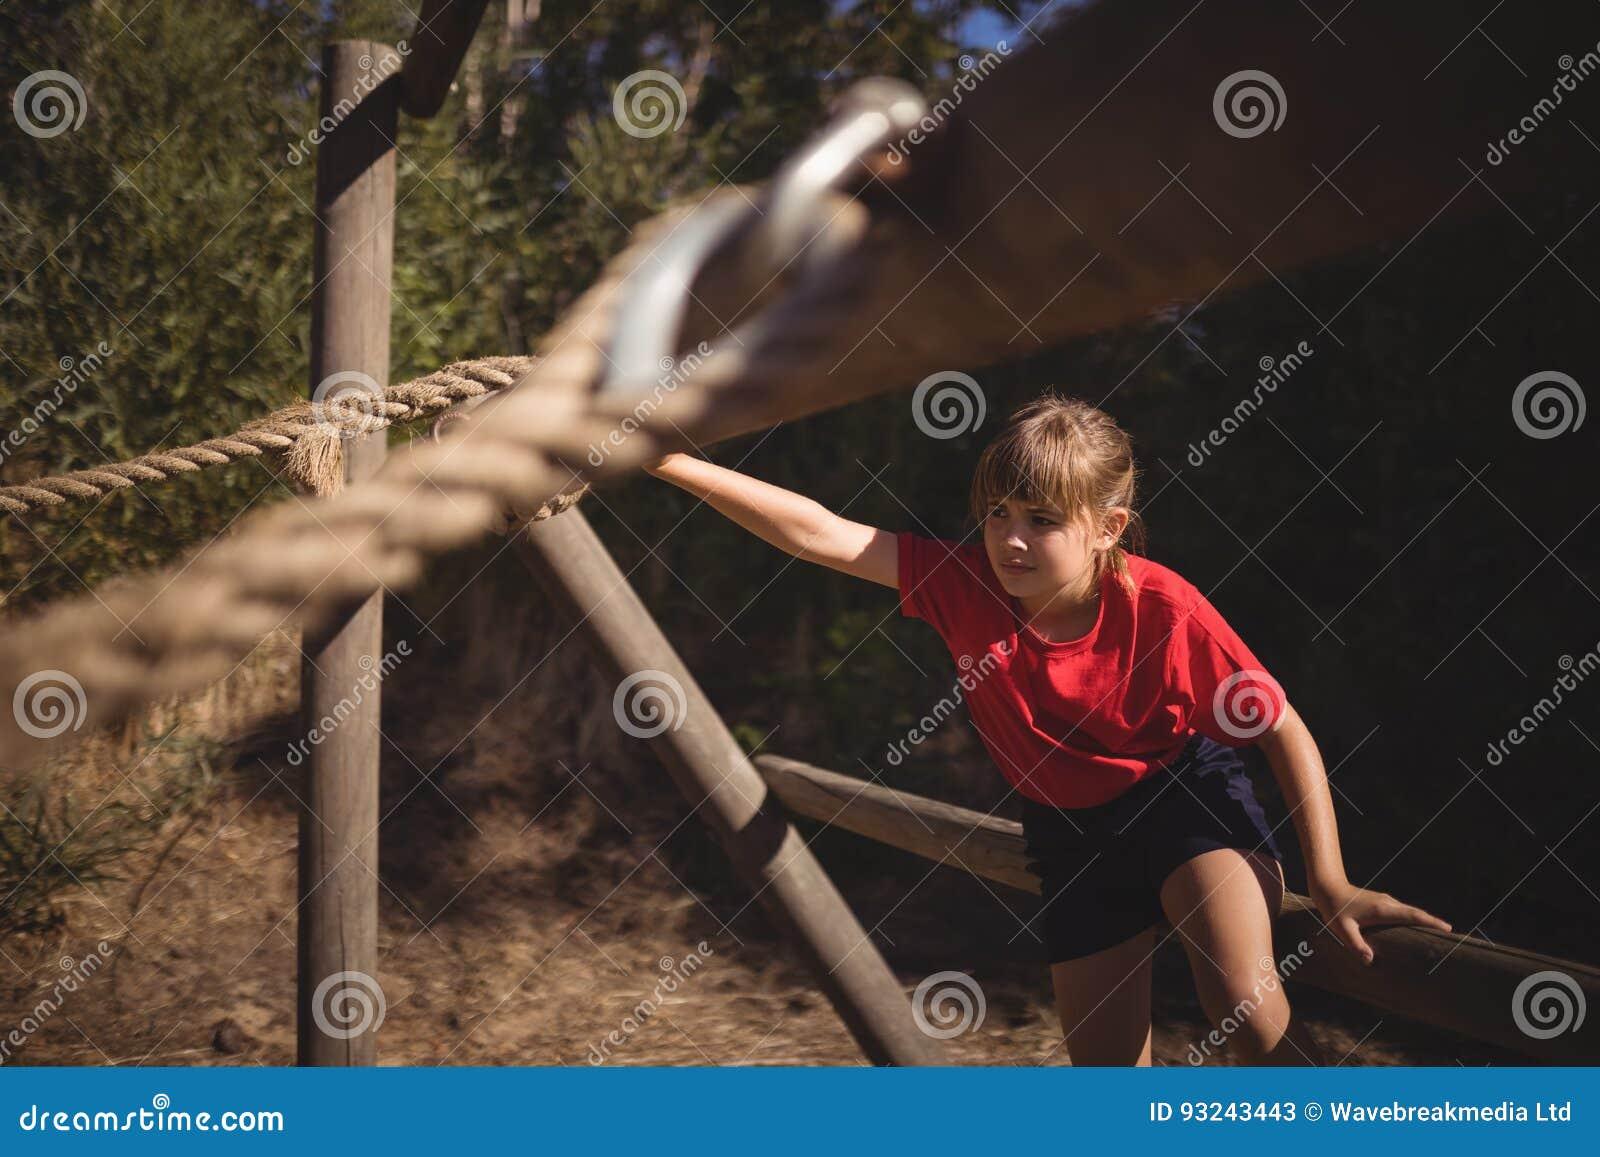 Beslutsam flicka som övar på utomhus- utrustning under hinderkurs